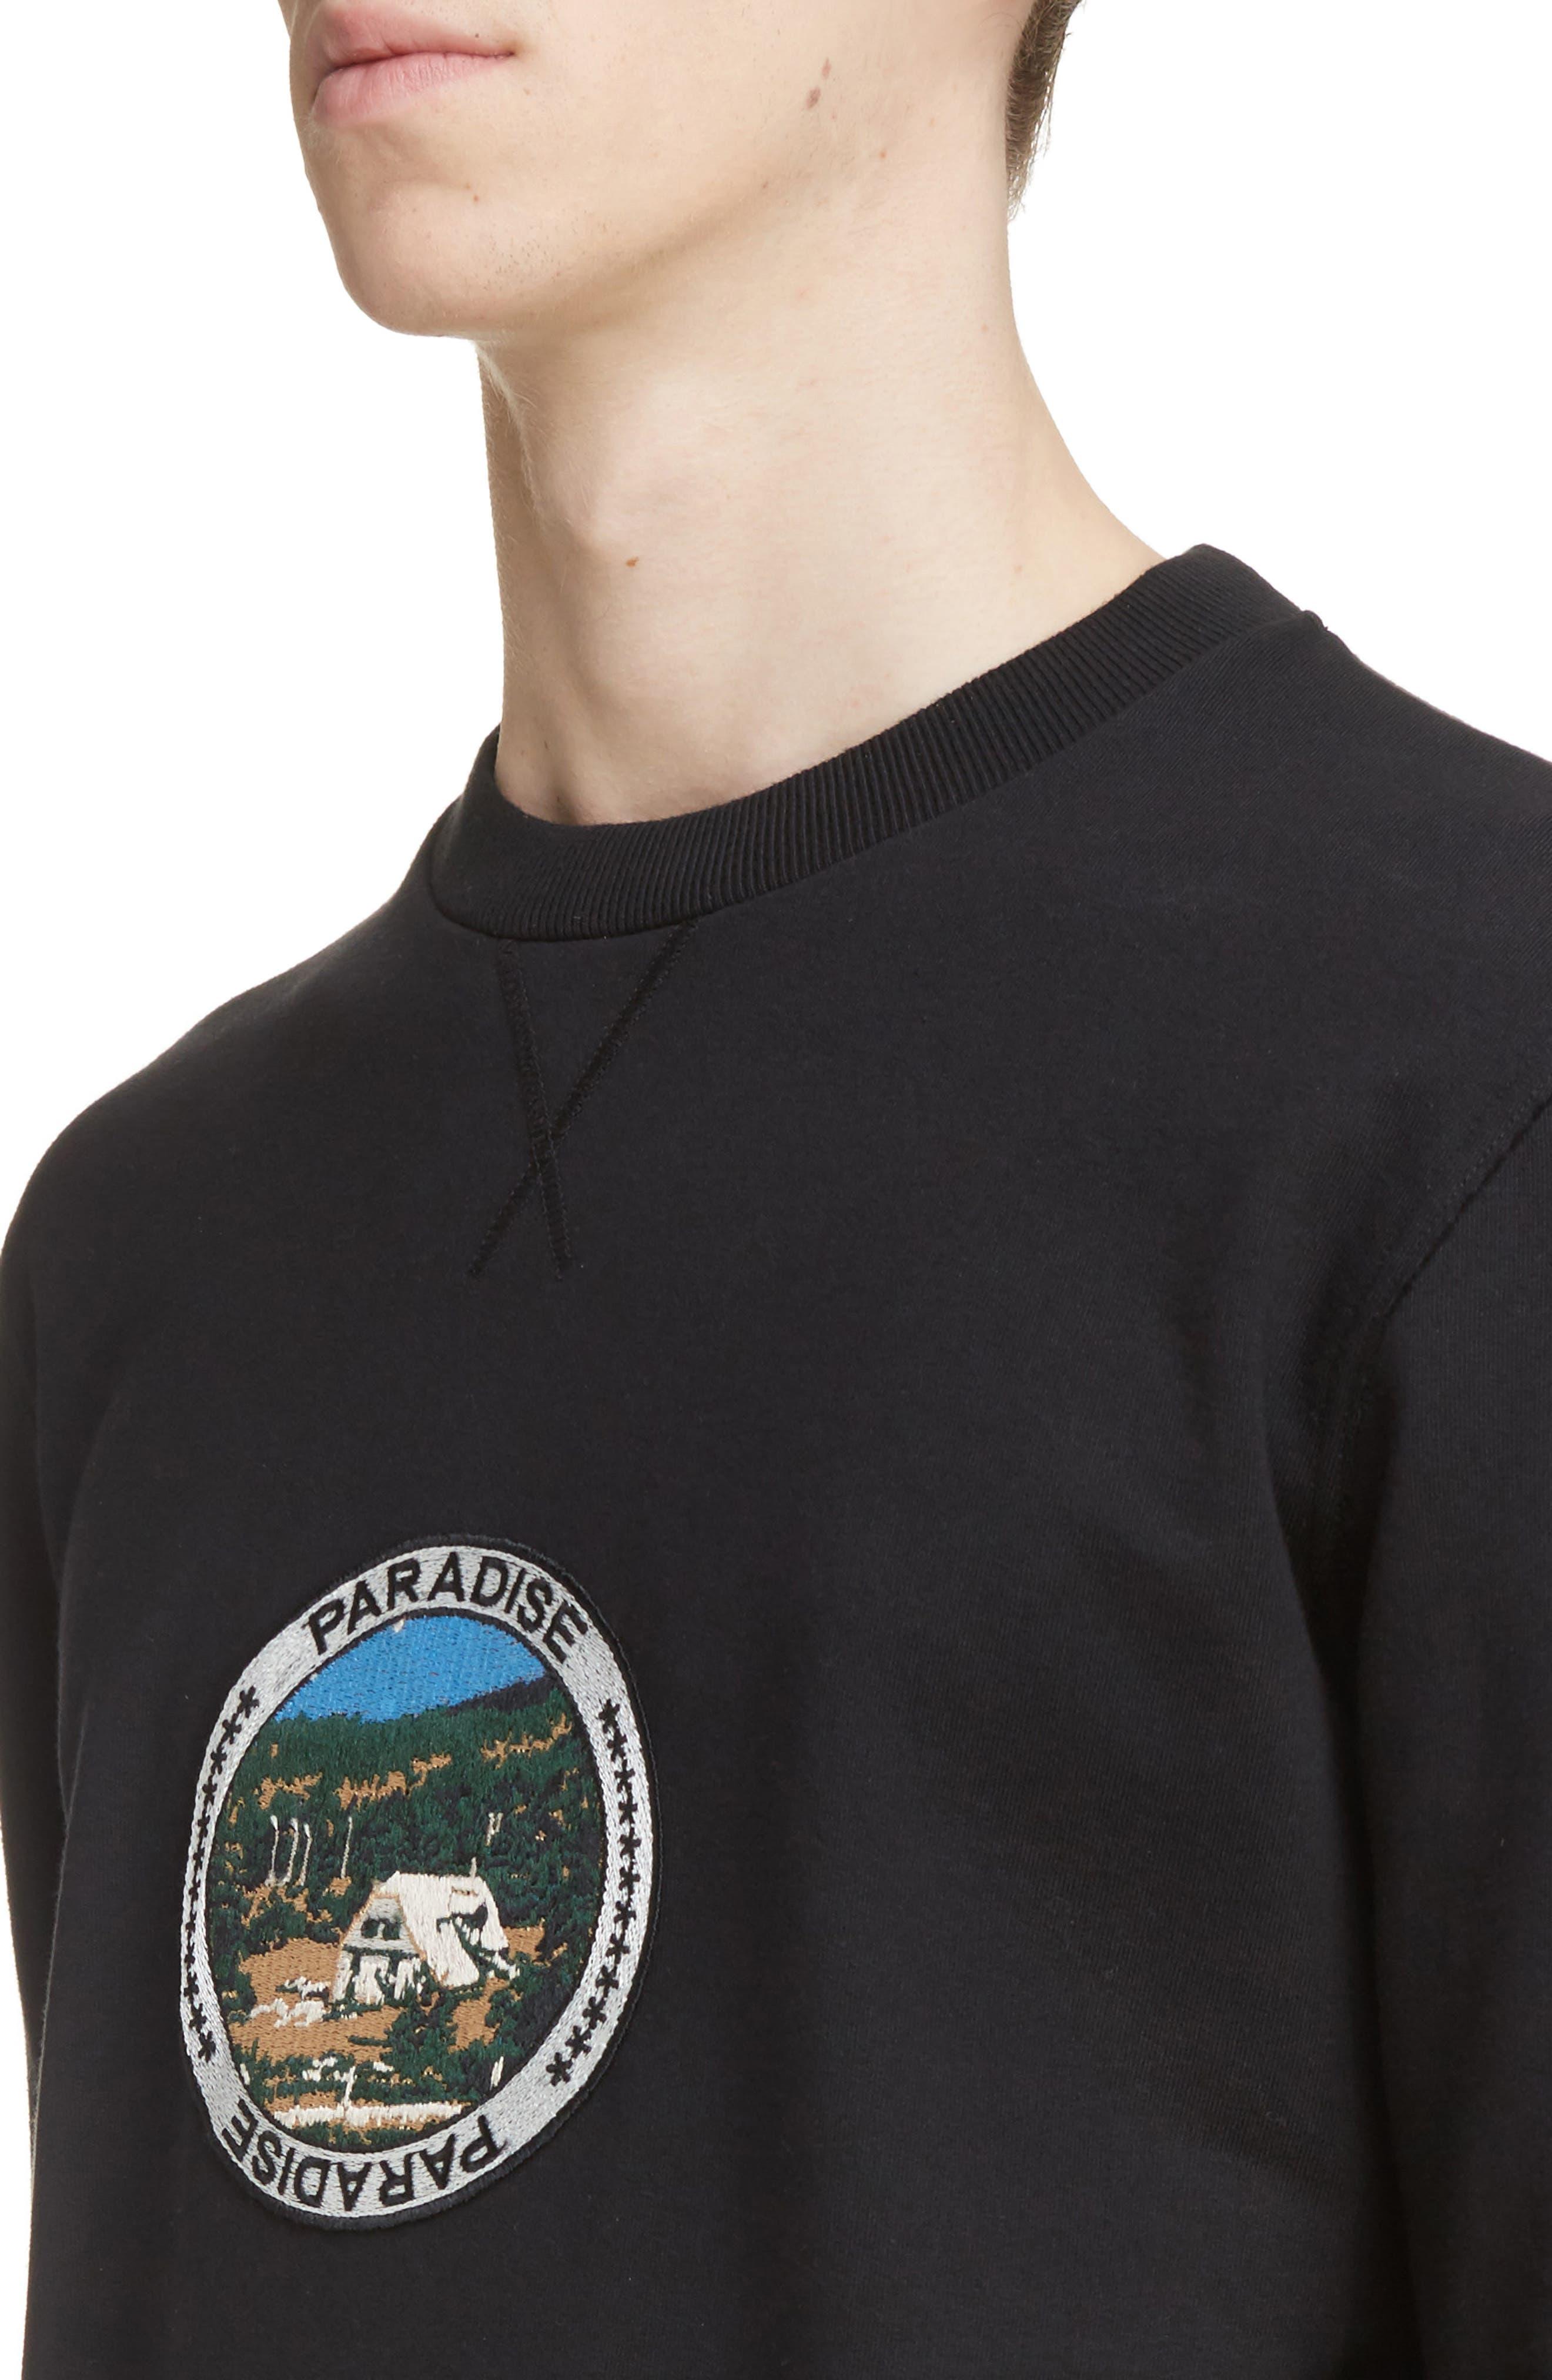 Paradise Patch Sweatshirt,                             Alternate thumbnail 4, color,                             Black